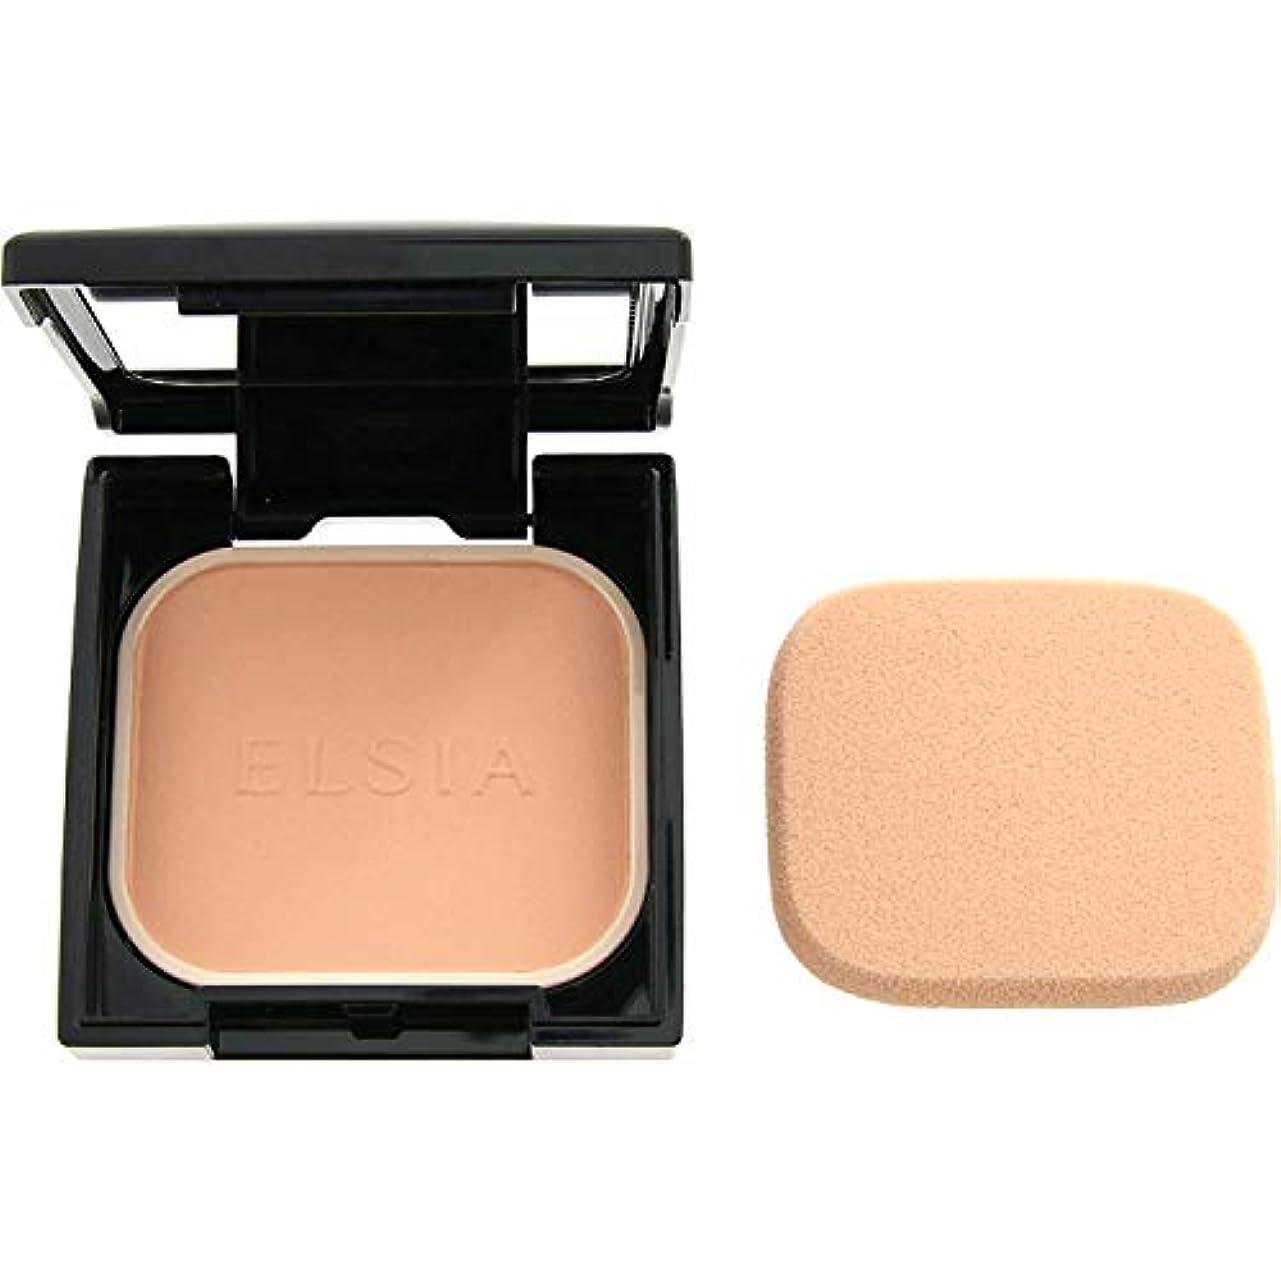 偶然の邪魔するトライアスリートエルシア プラチナム 化粧のり良好 モイストファンデーション ピンクオークル 205 9.3g